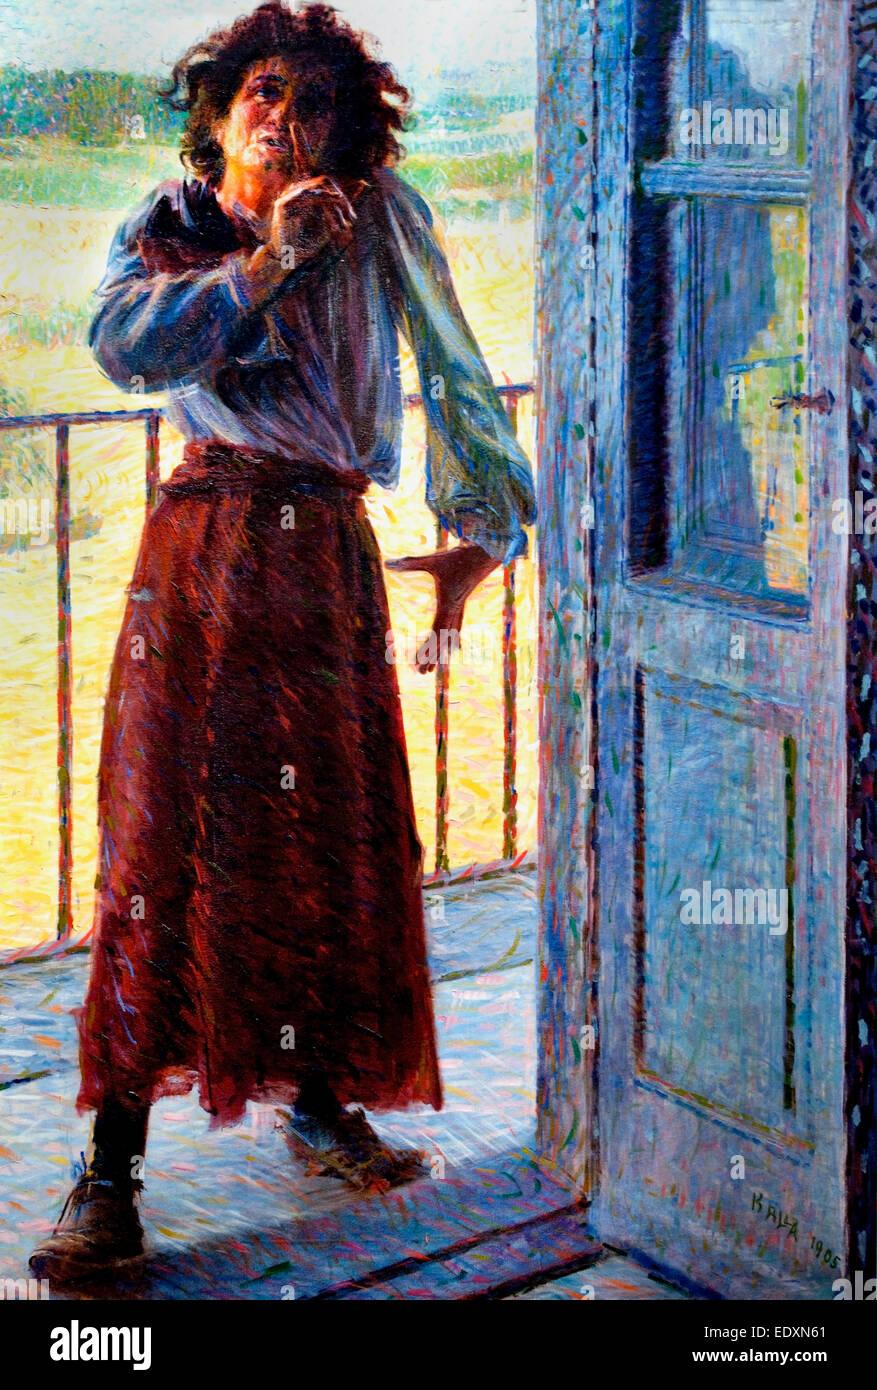 La pazza  - The Madwoman 1905   Giacomo Balla, Italy, Italian. - Stock Image